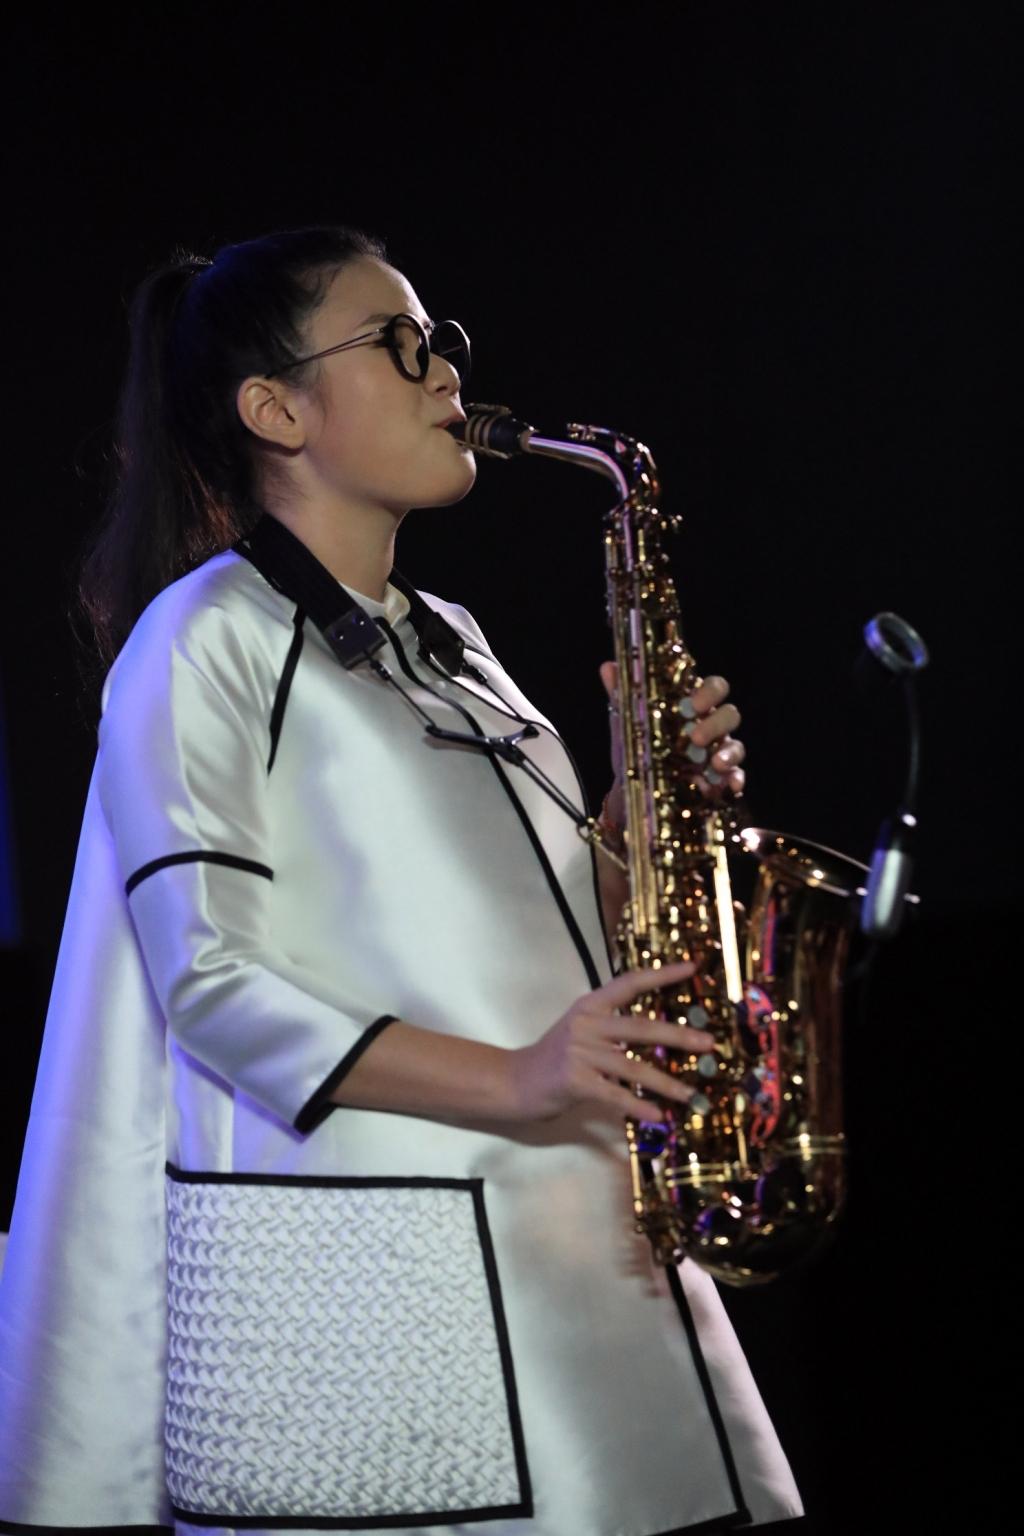 nghe si saxophone tran manh tuan an tran la du an lon nhat cua doi toi